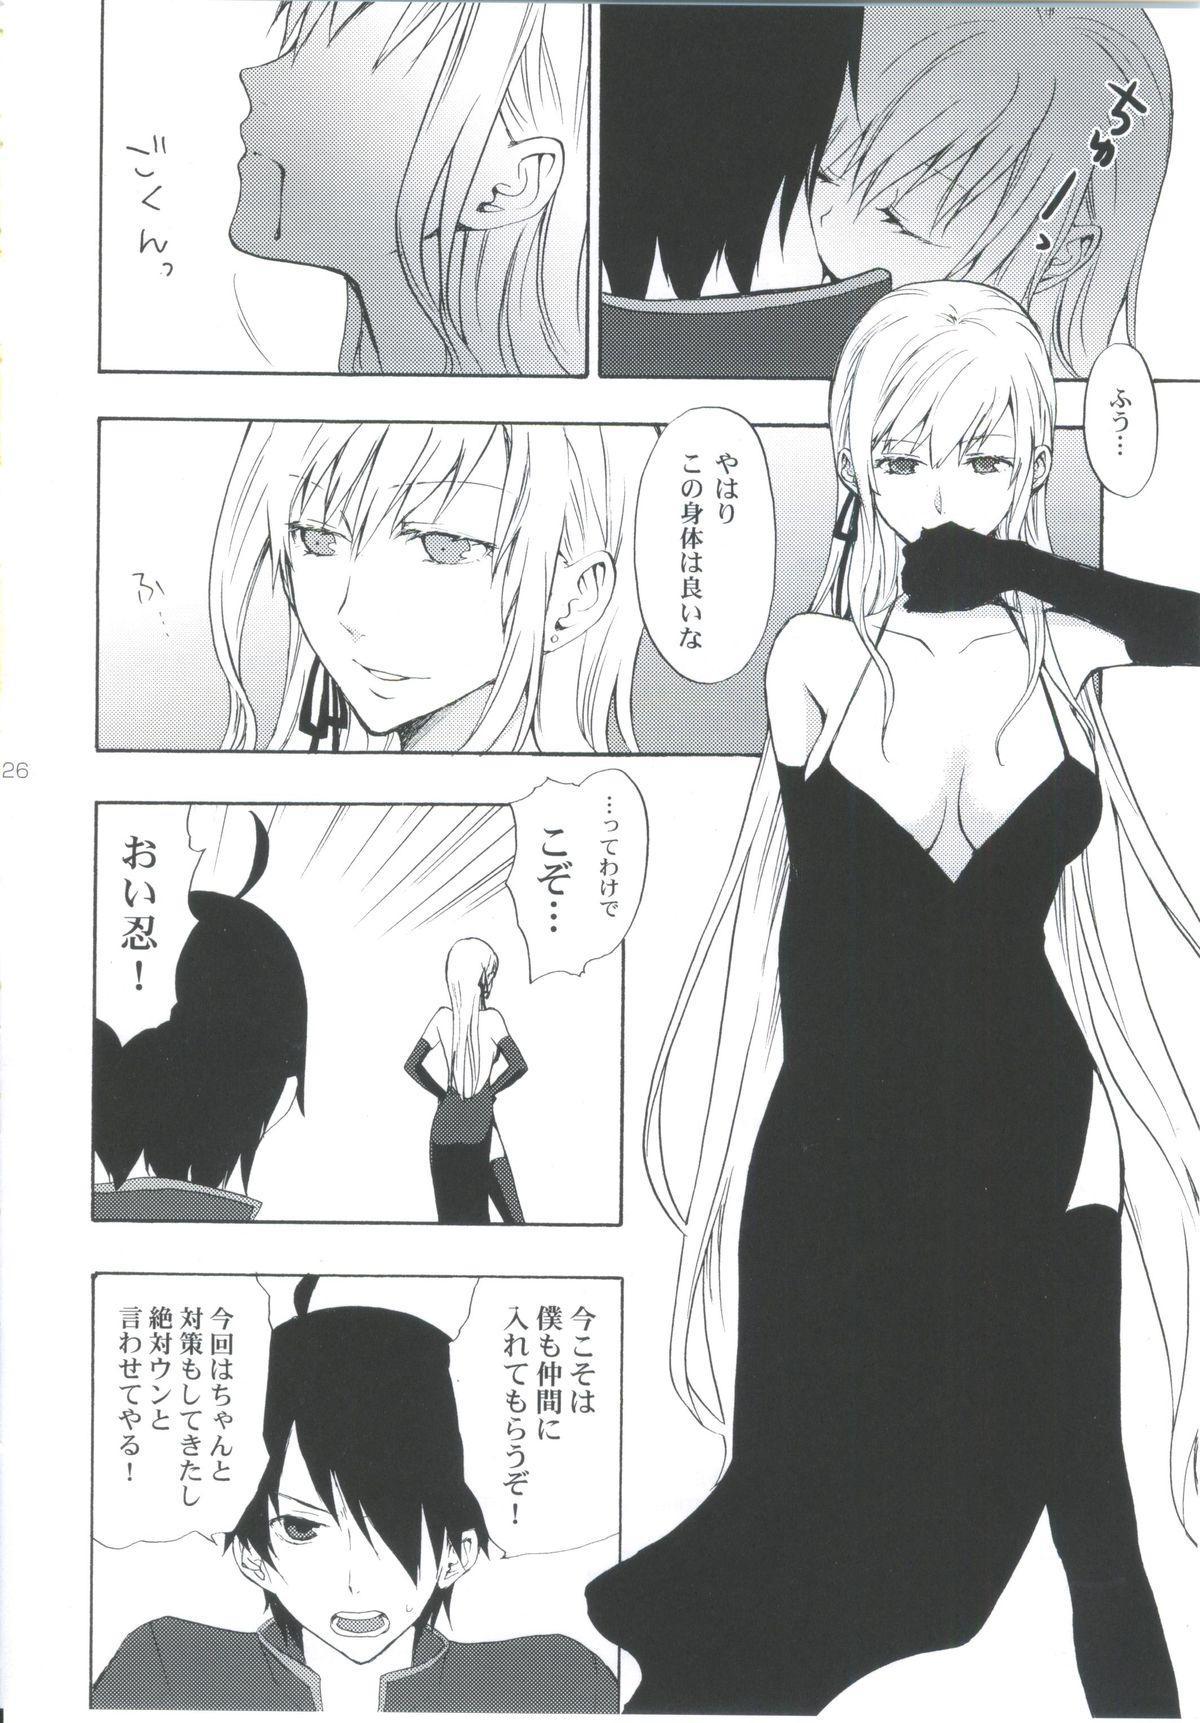 (SC48) [Aa Aishiteru (Taishow)] Oshino-san-chi no Shinobu-chan. Sono 3 (Bakemonogatari) 24